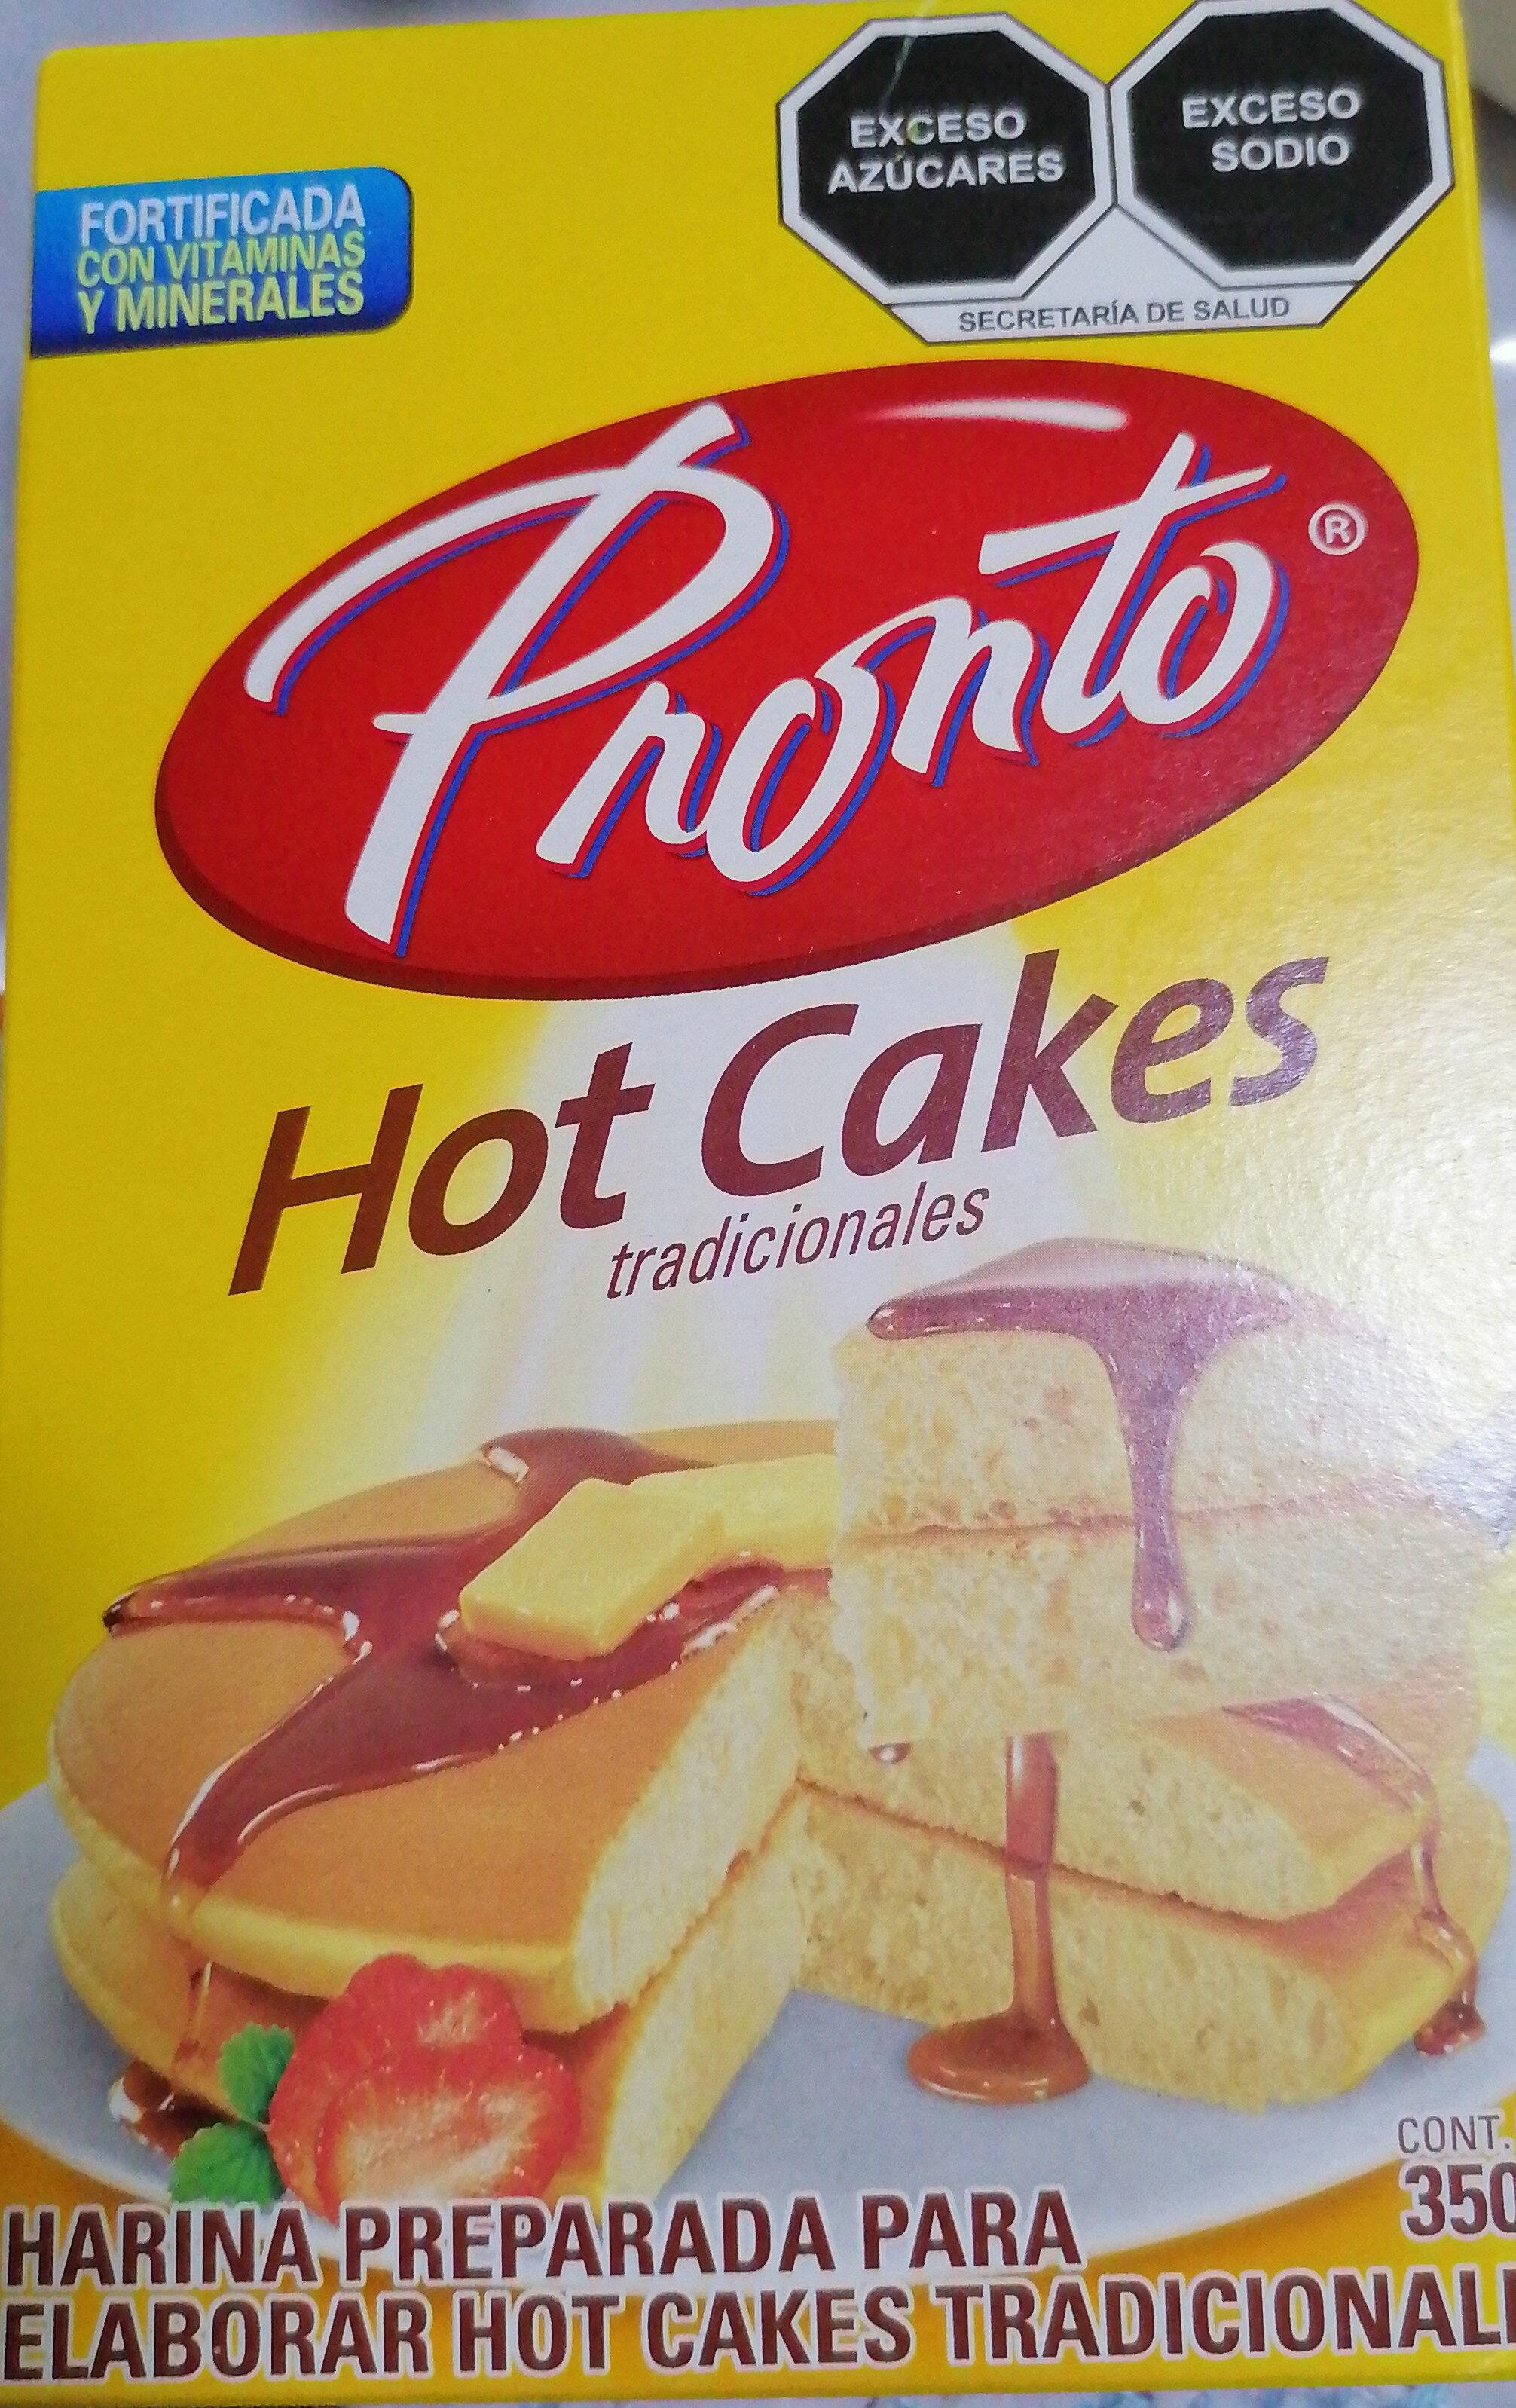 Hoy Cakes Tradicionales - Producto - es